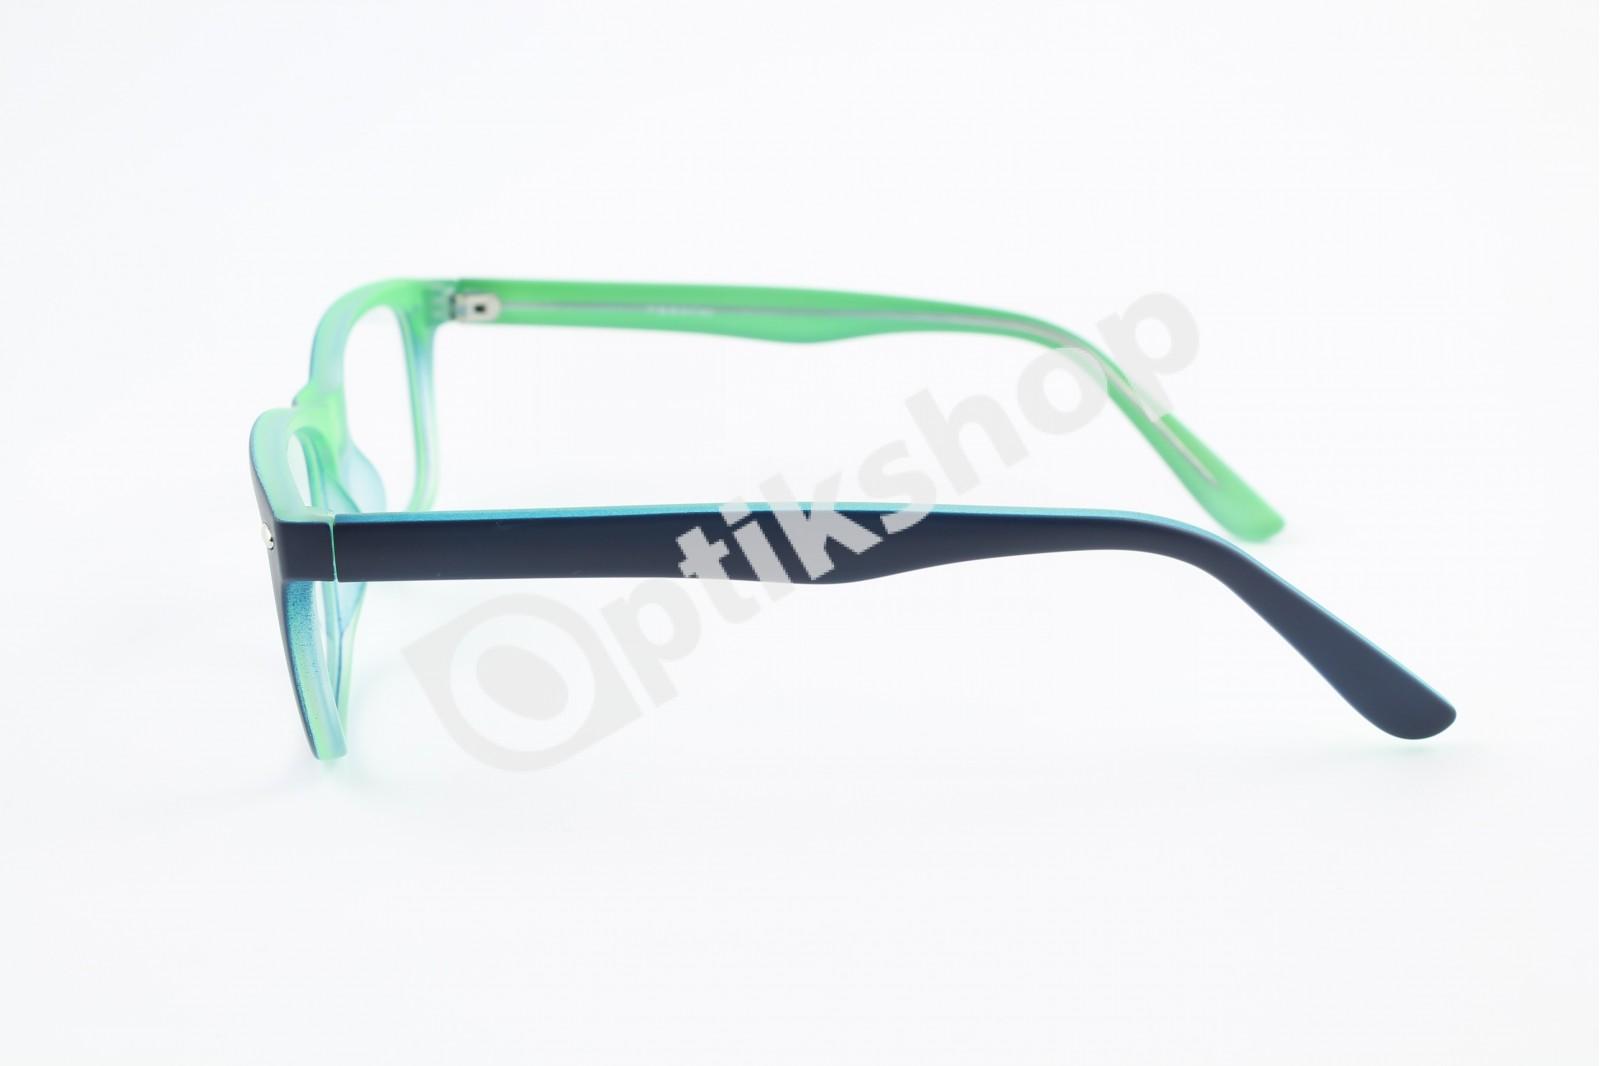 Fresco szemüveg · Fresco szemüveg · Fresco szemüveg 7d5b27c12b